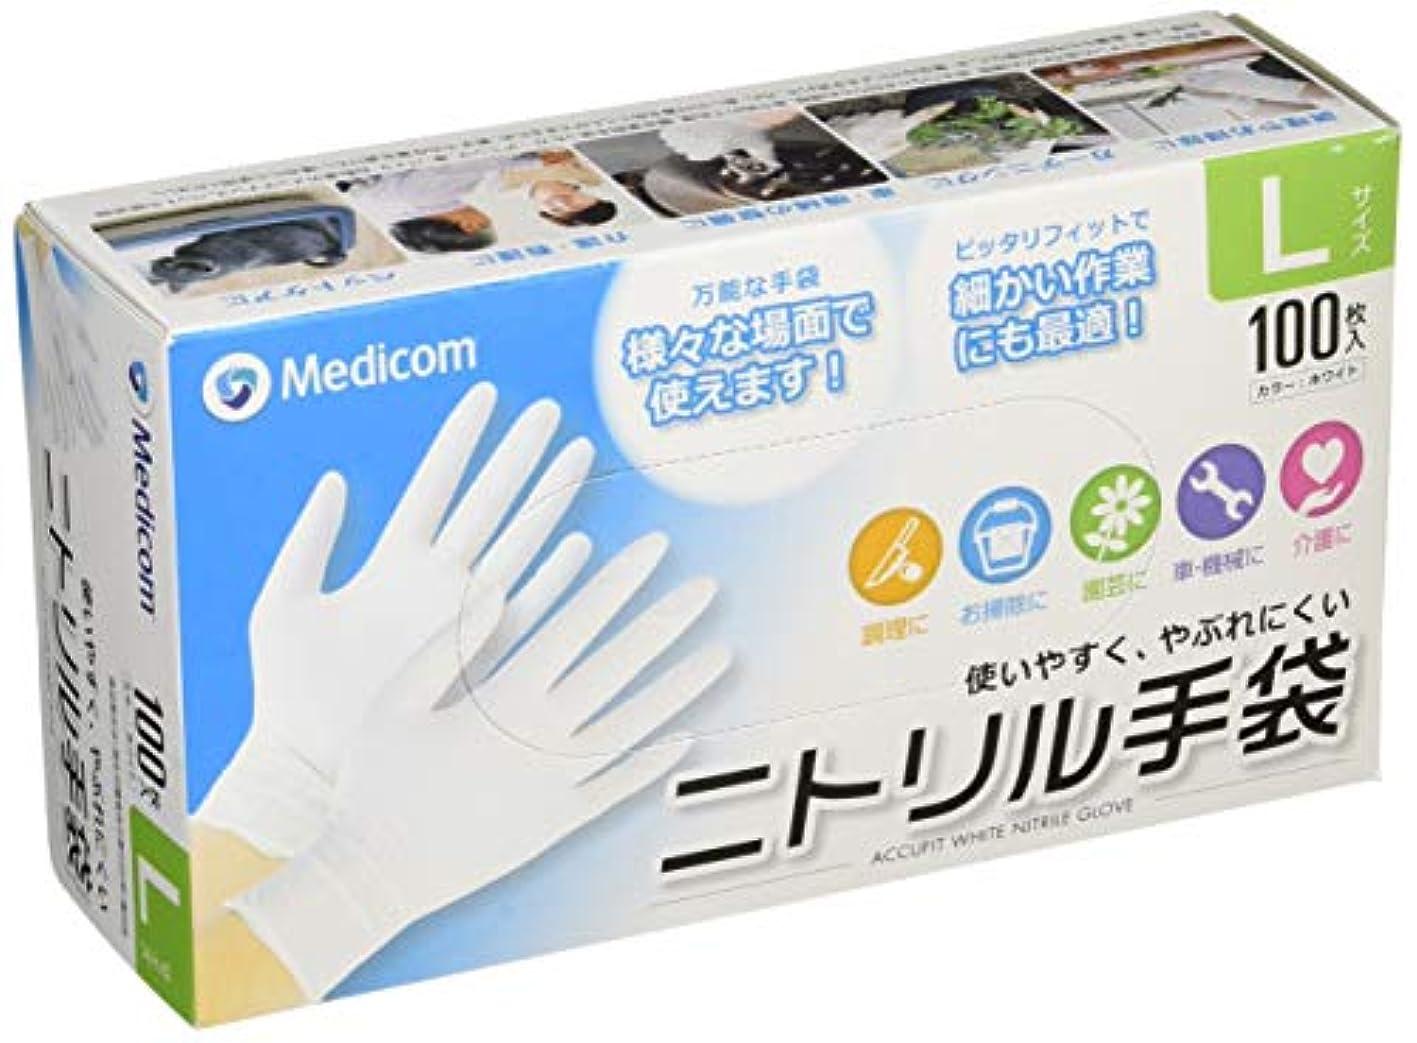 戦う彼ら瞑想するアキュフィット ホワイト ニトリル手袋 Lサイズ ACFJN1284D